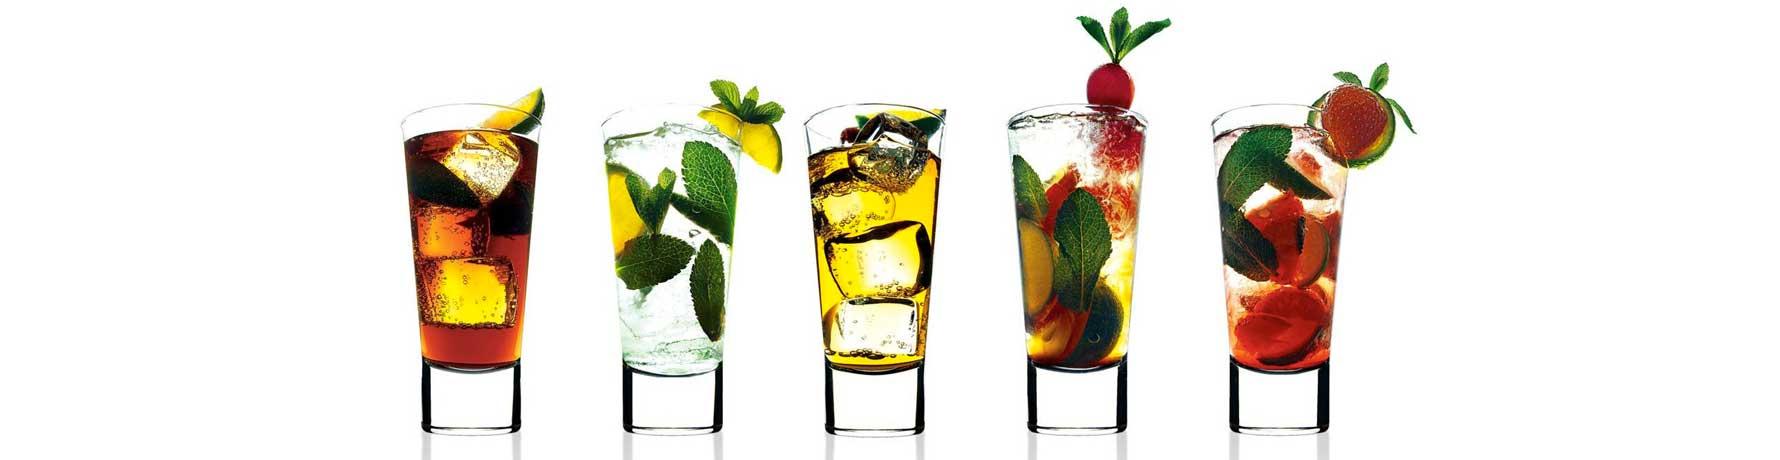 RSA - Certificato per la somministrazione degli alcolici